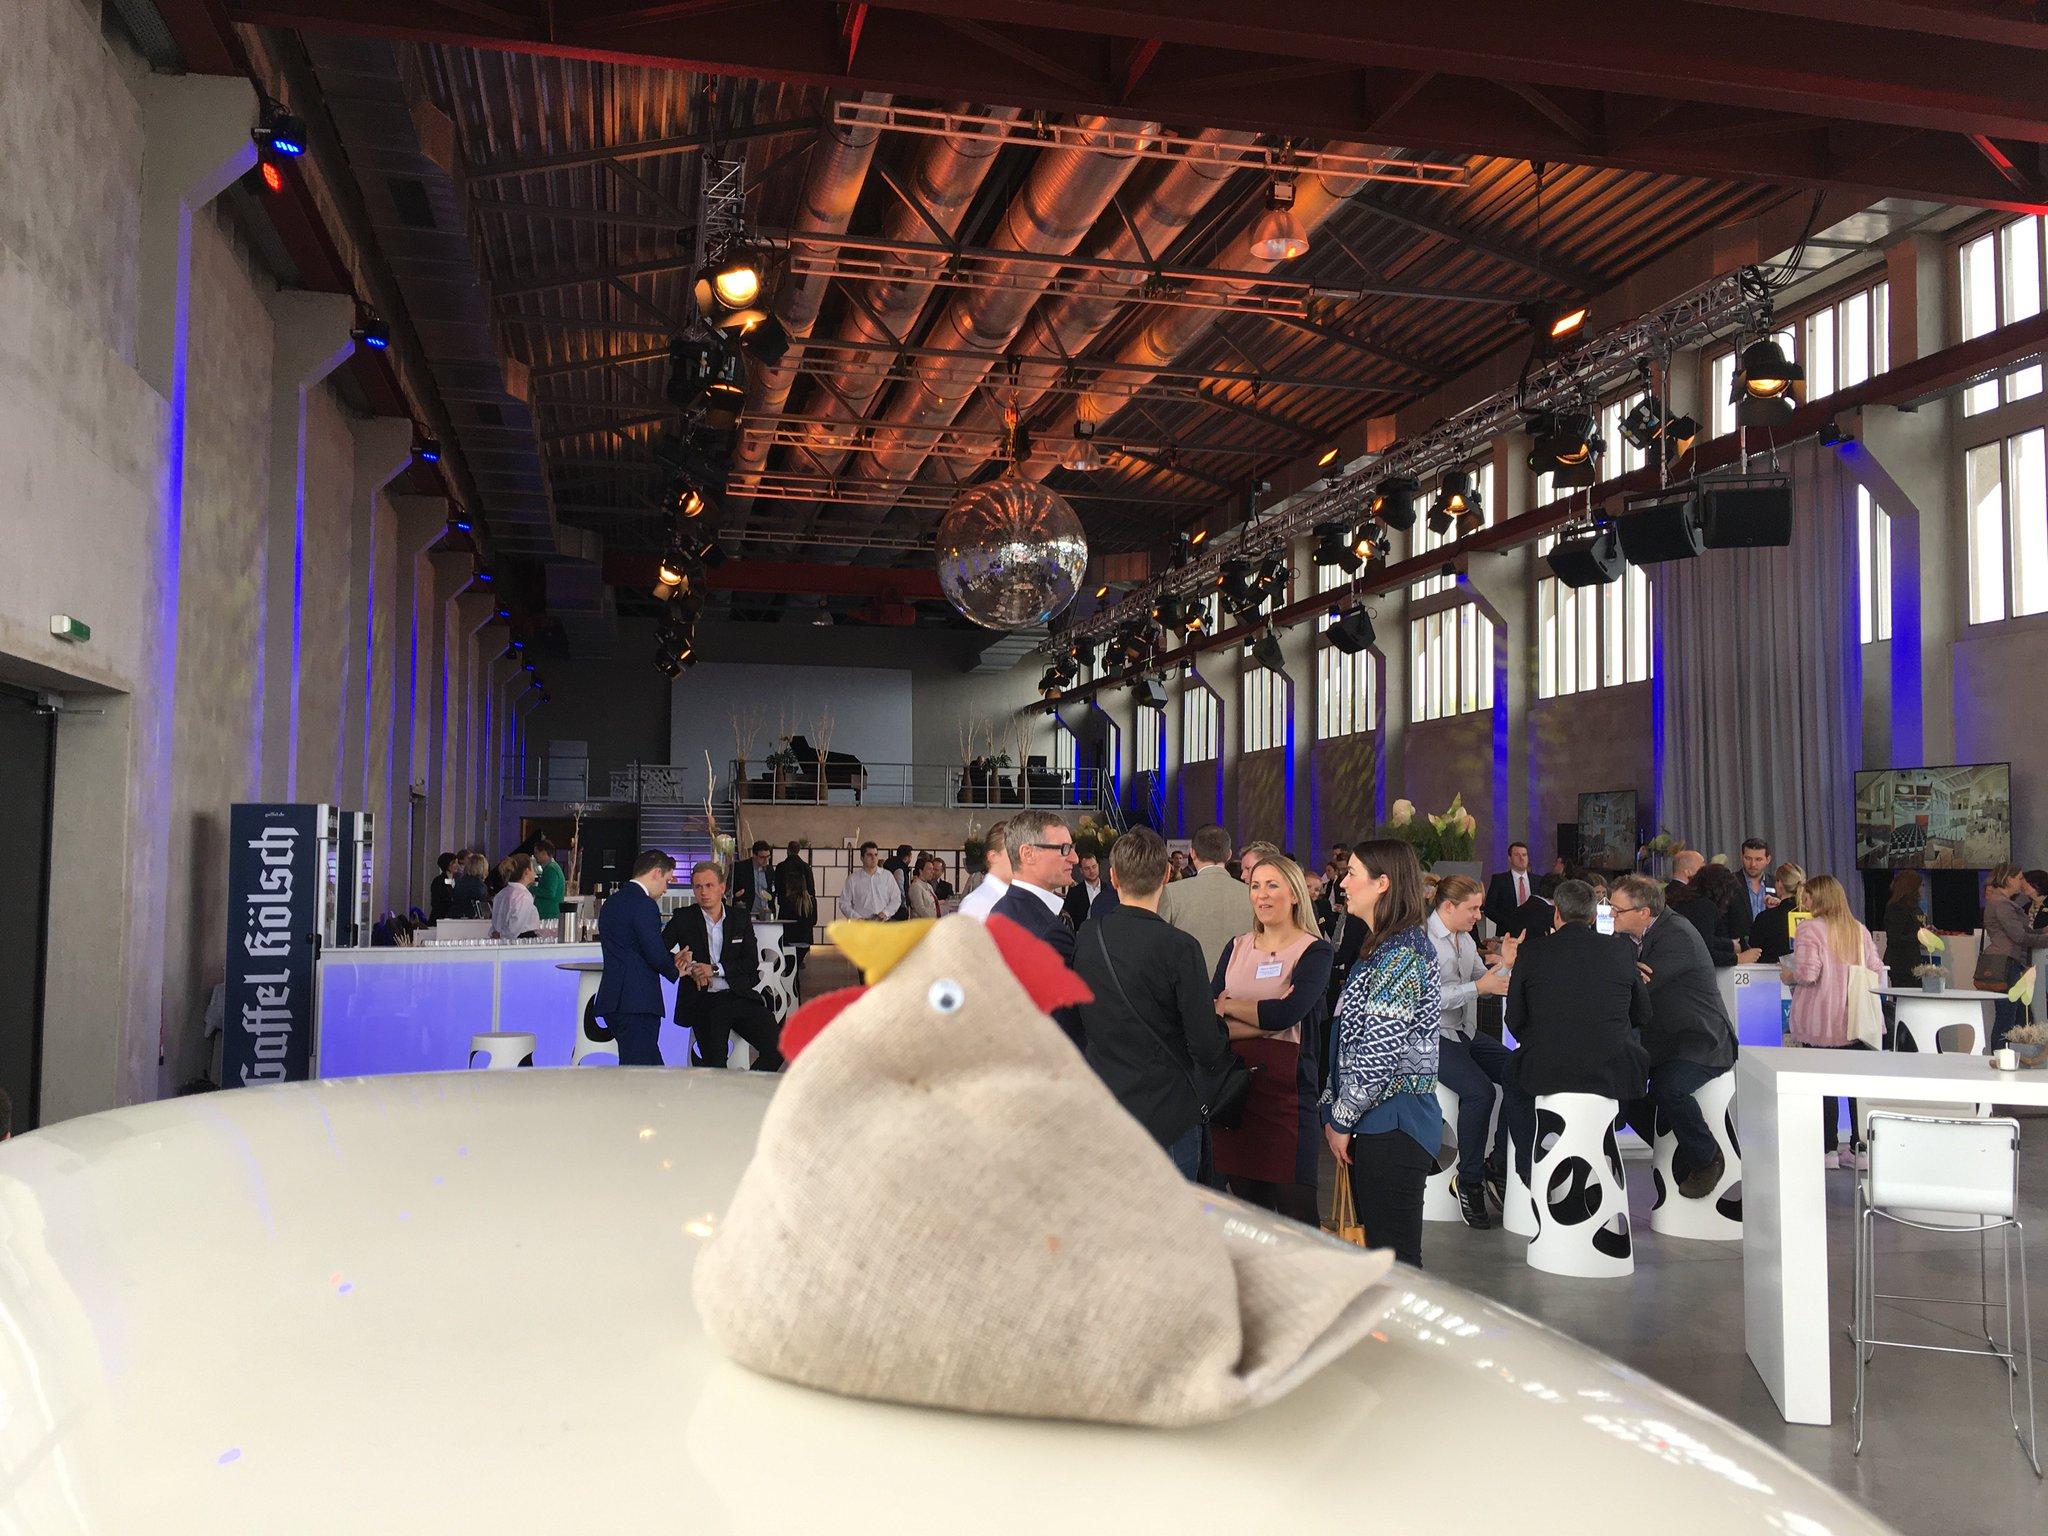 Ganz schön was los hier #meetnrw https://t.co/FGNF2CoItM